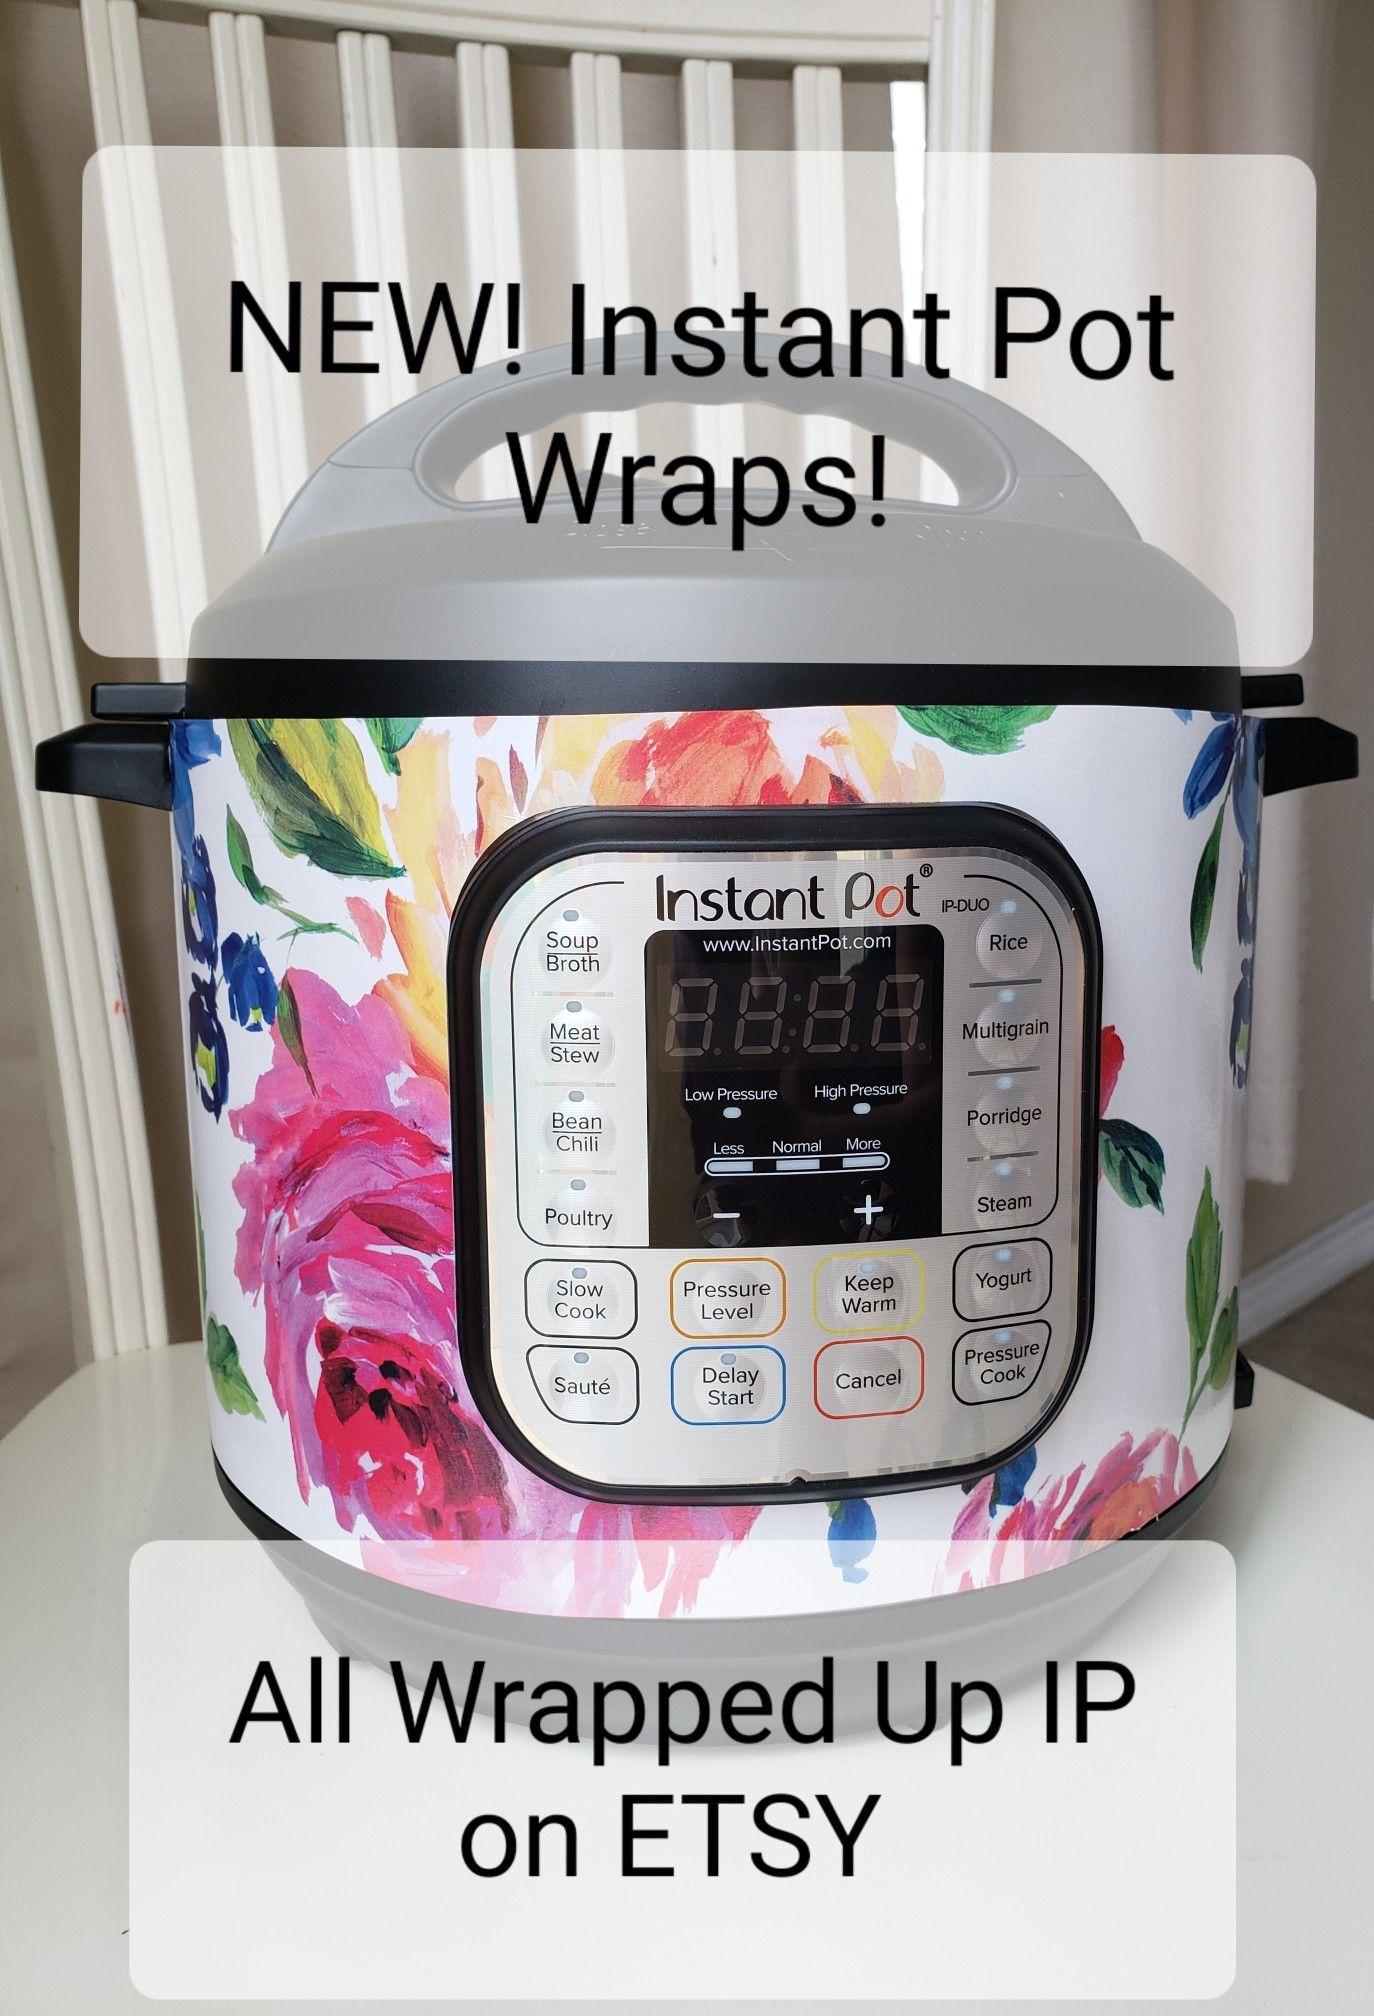 Instant Pot Wraps Bright Floral 6 Quart Duo Instant Pot Recipes Instant Pot Pot Recipes